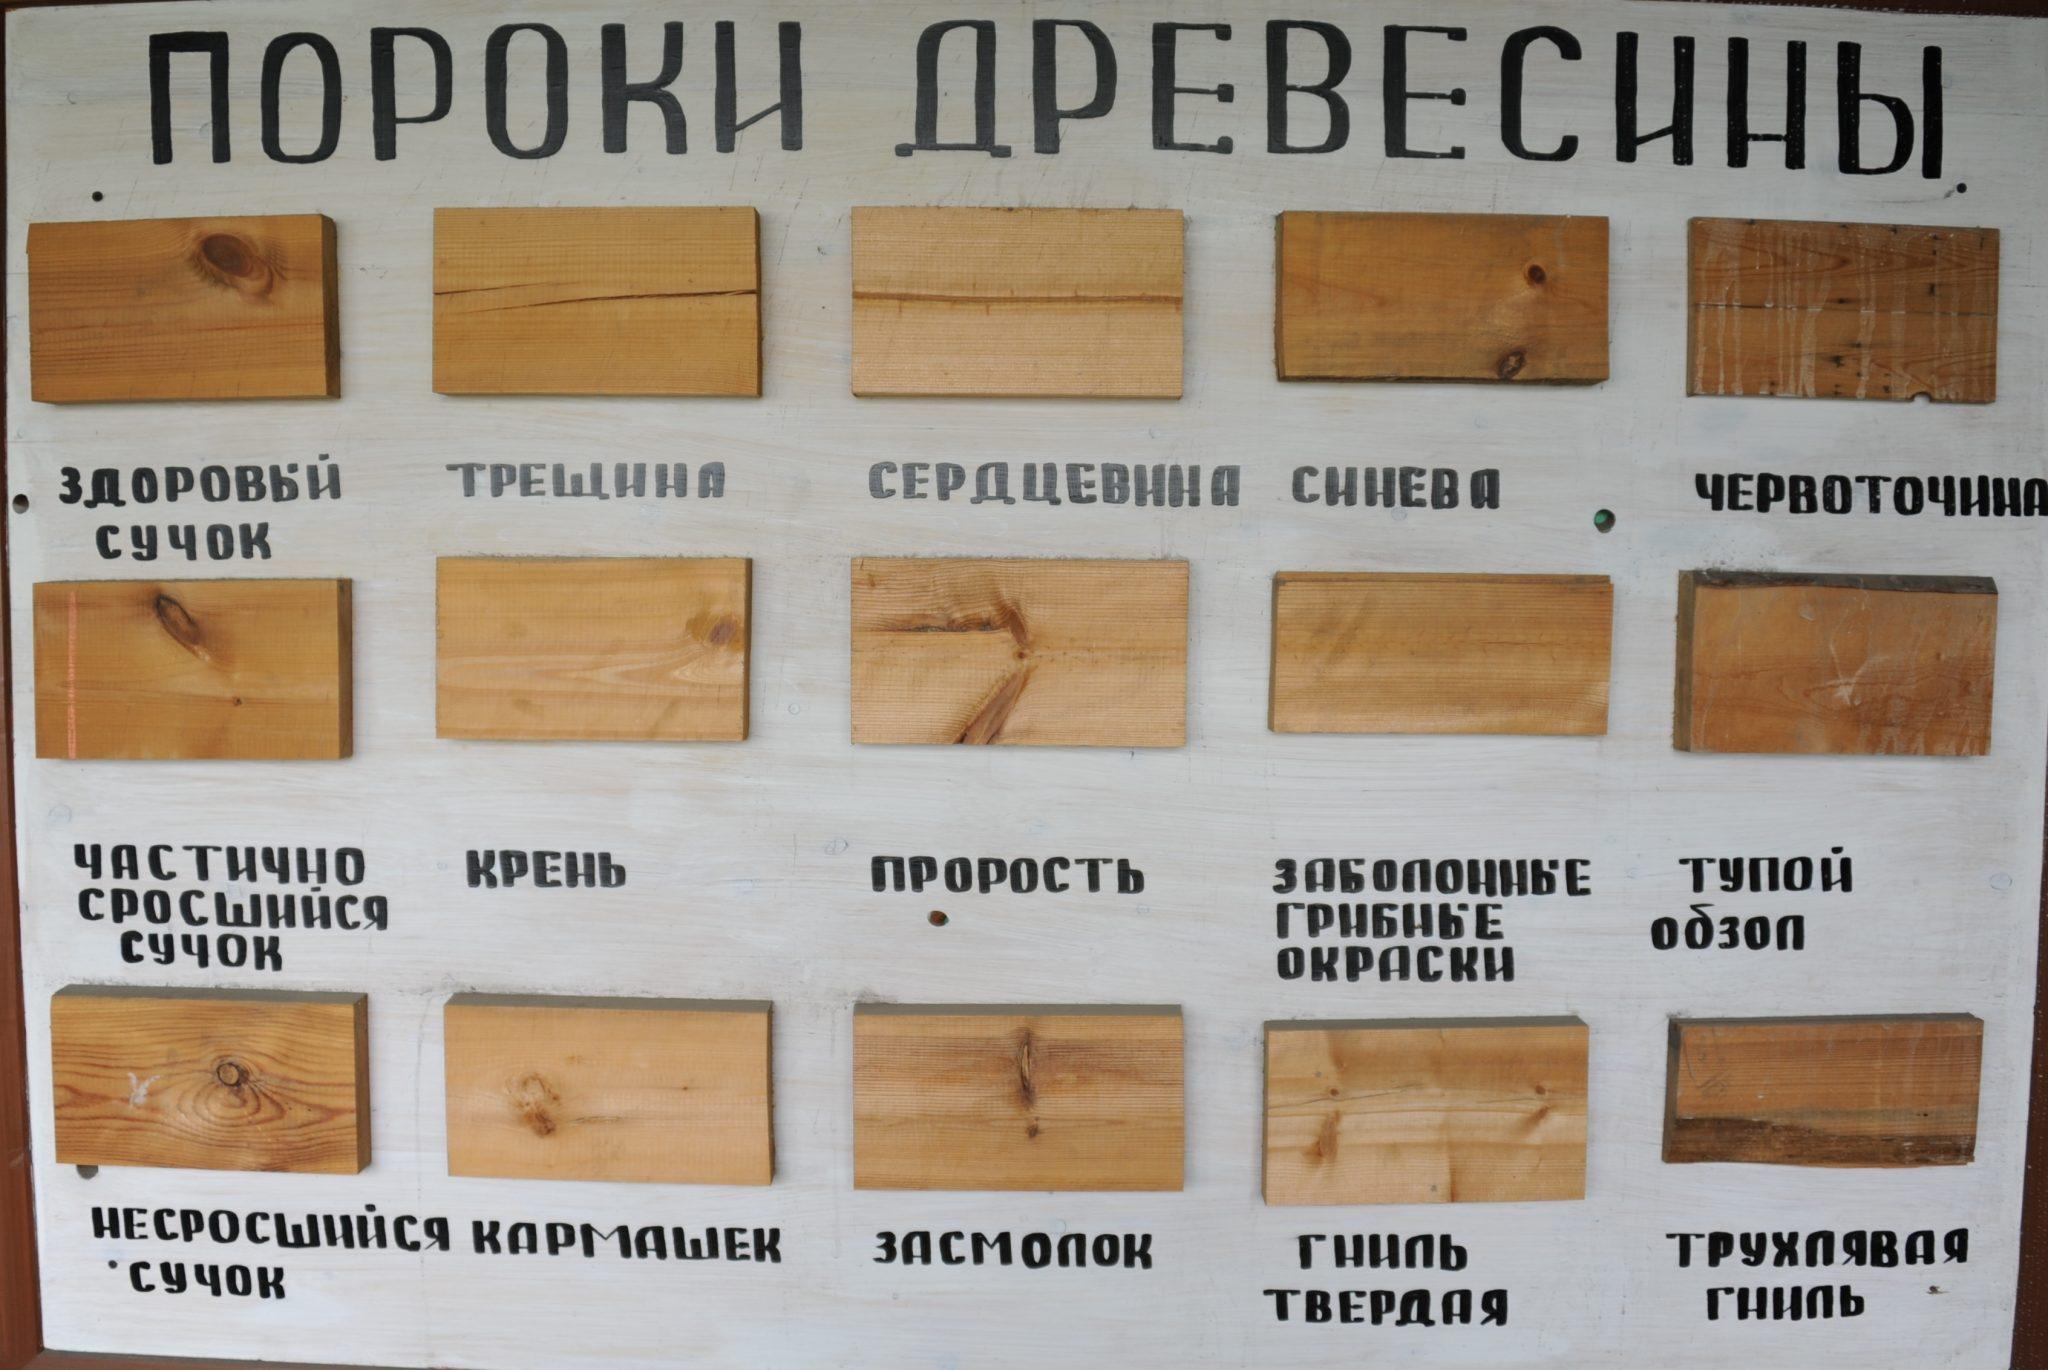 Фото некоторых видов дефектов